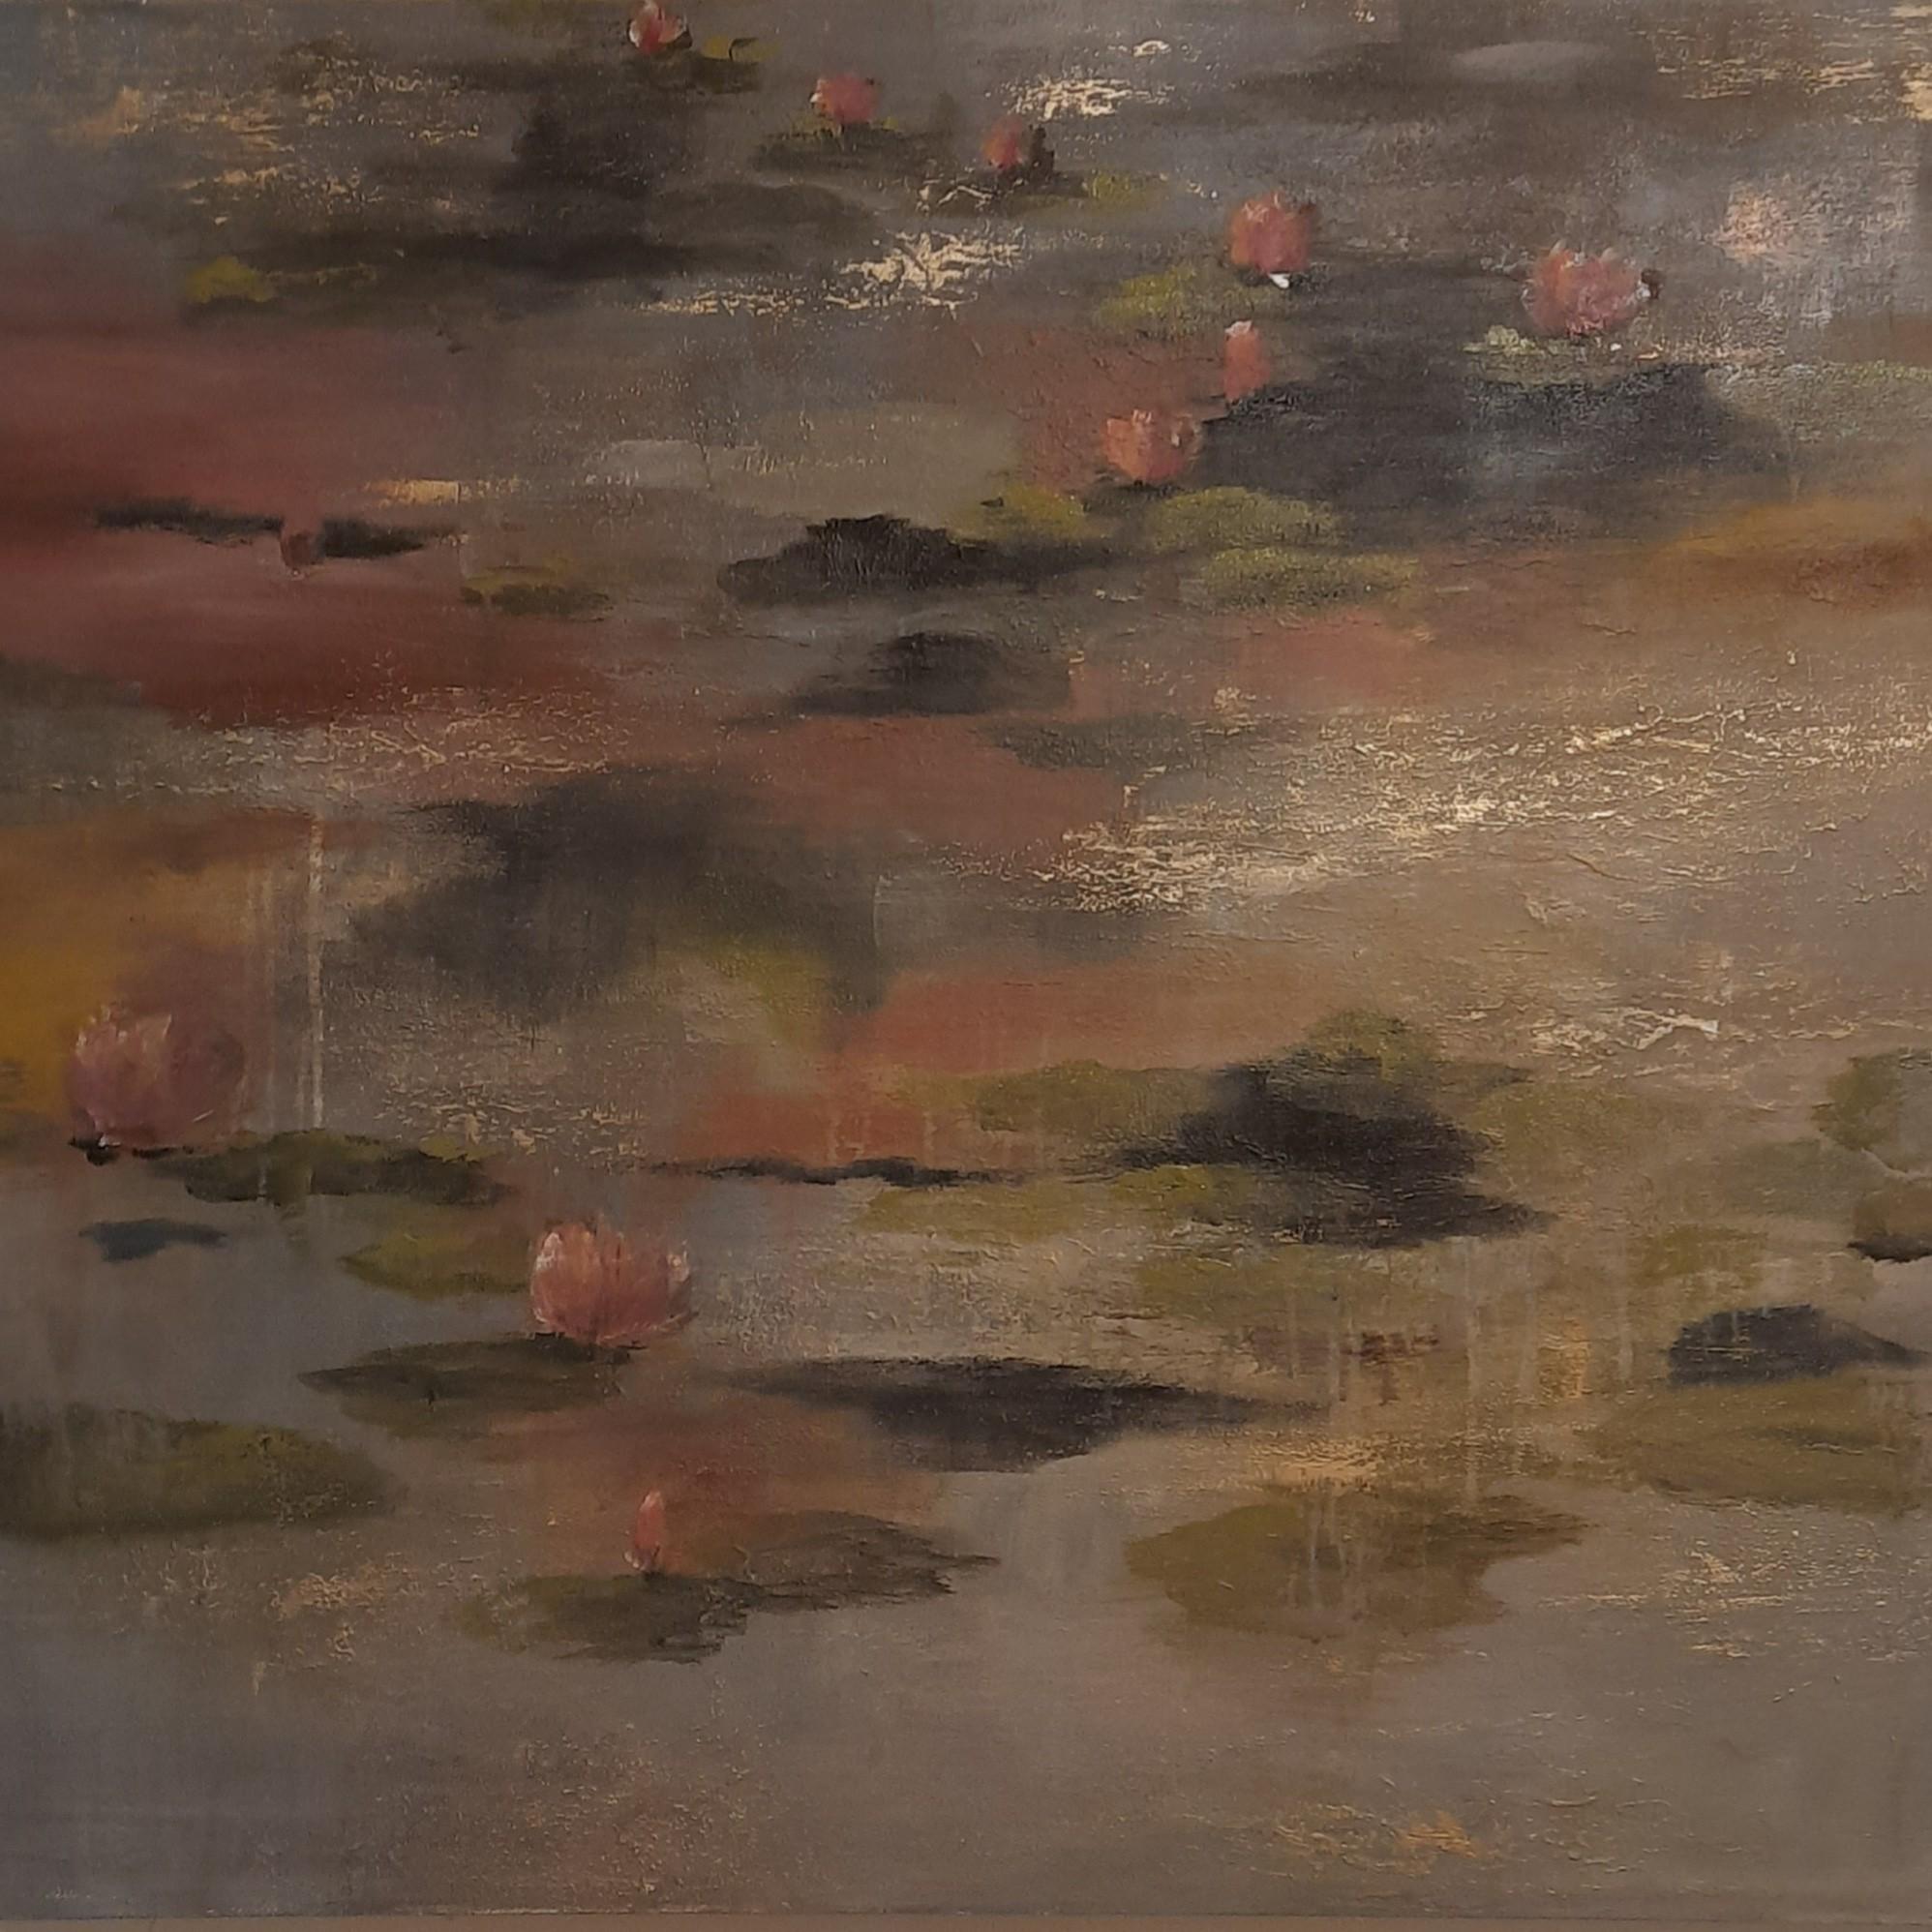 Water lilies in dusky waters 4 by Jean wijesekera